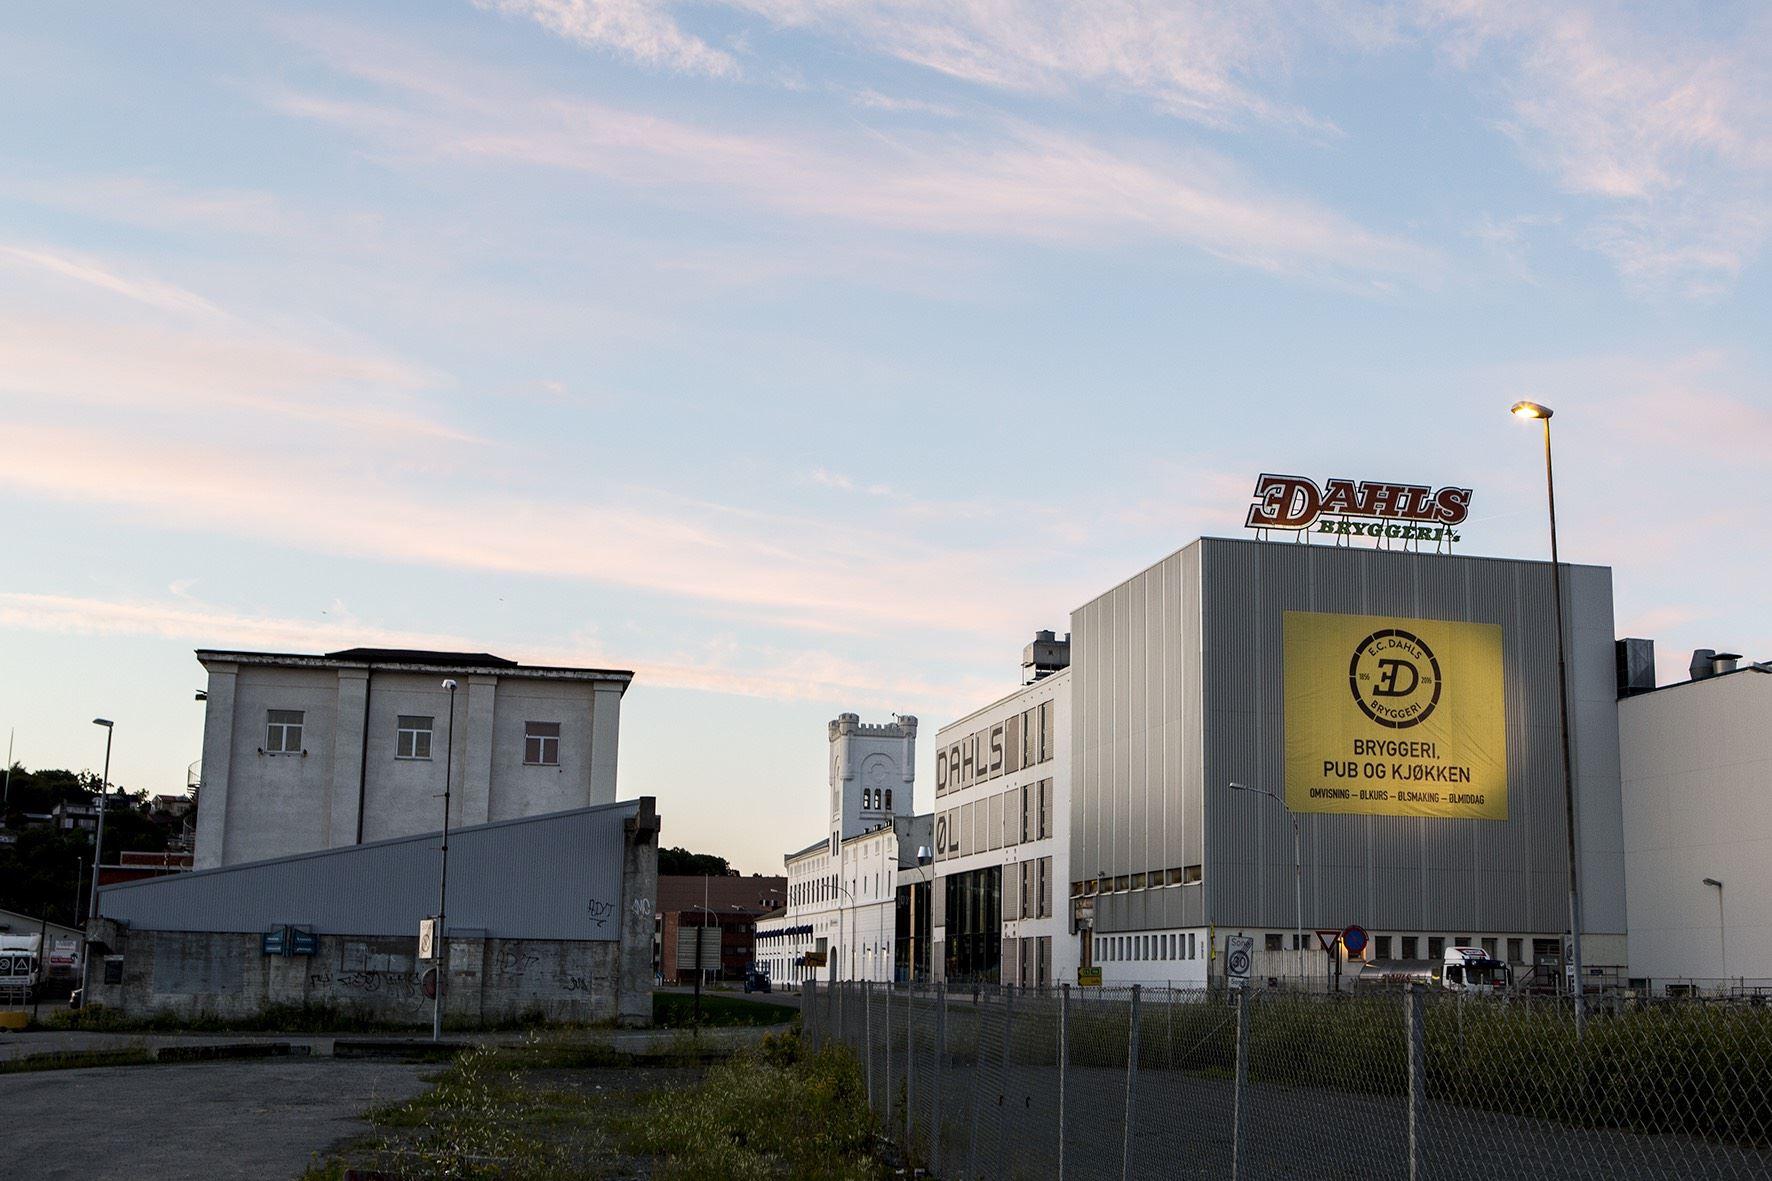 Anne Reisch/E.C.Dahls bryggeri,  © Anne Reisch/E.C.Dahls bryggeri, Ringnes E.C. Dahls arena